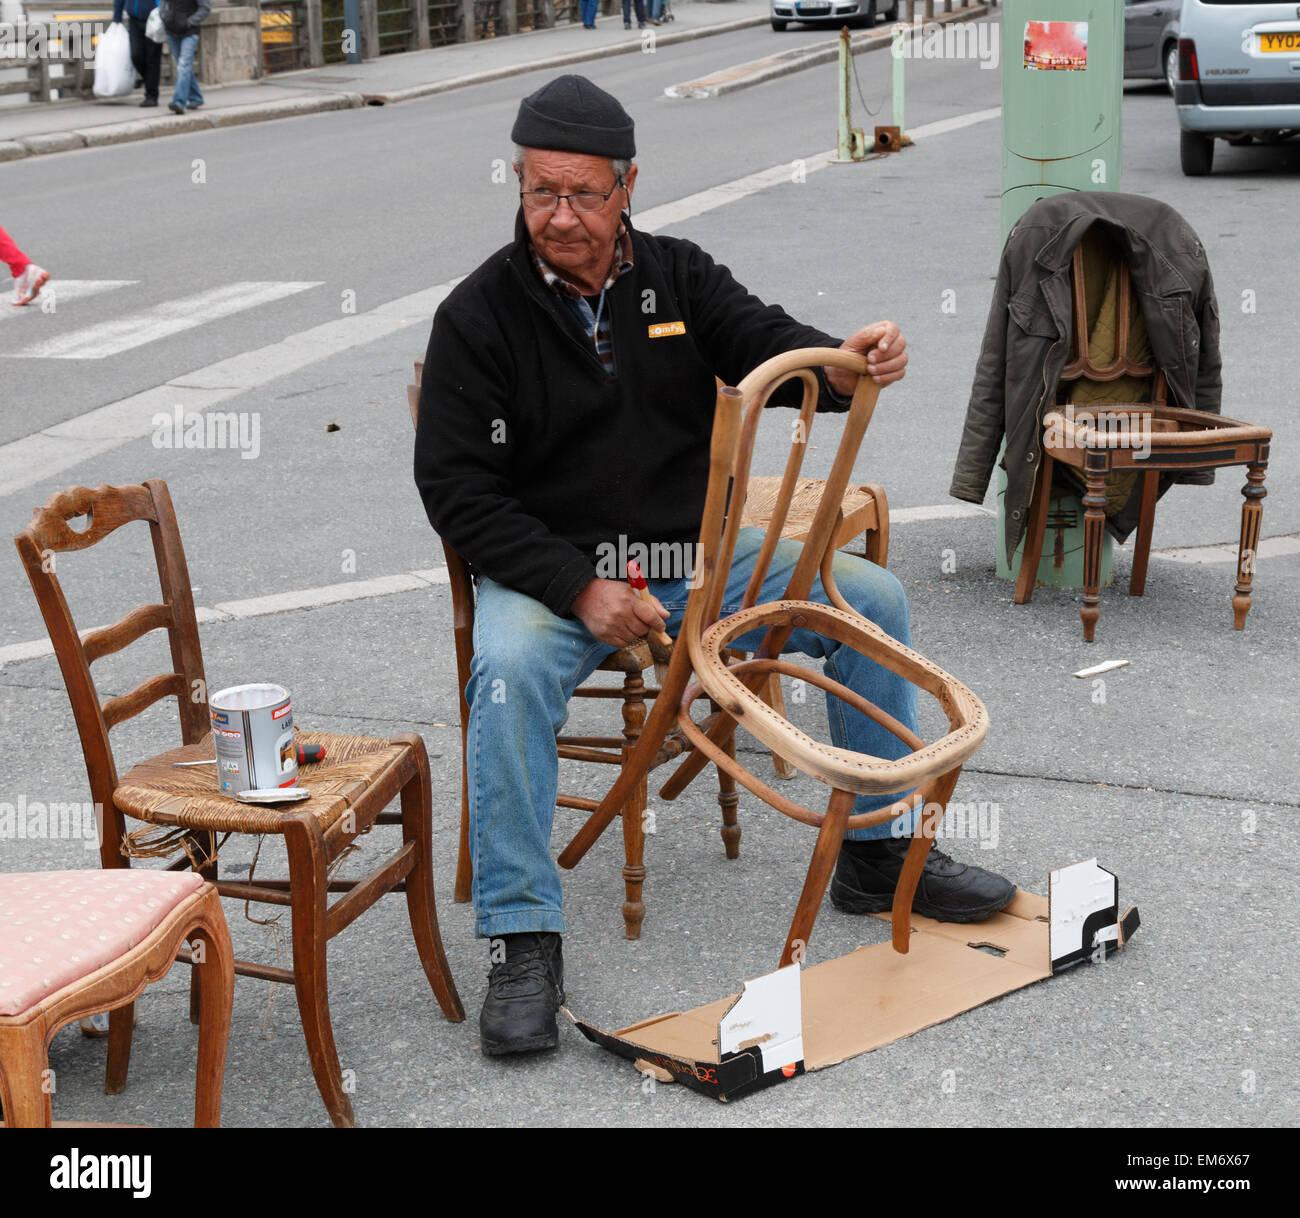 Anziani, maschi Restauratore riparatore lavorando su una vecchia sedia. Egli è la pittura per la rimozione Immagini Stock